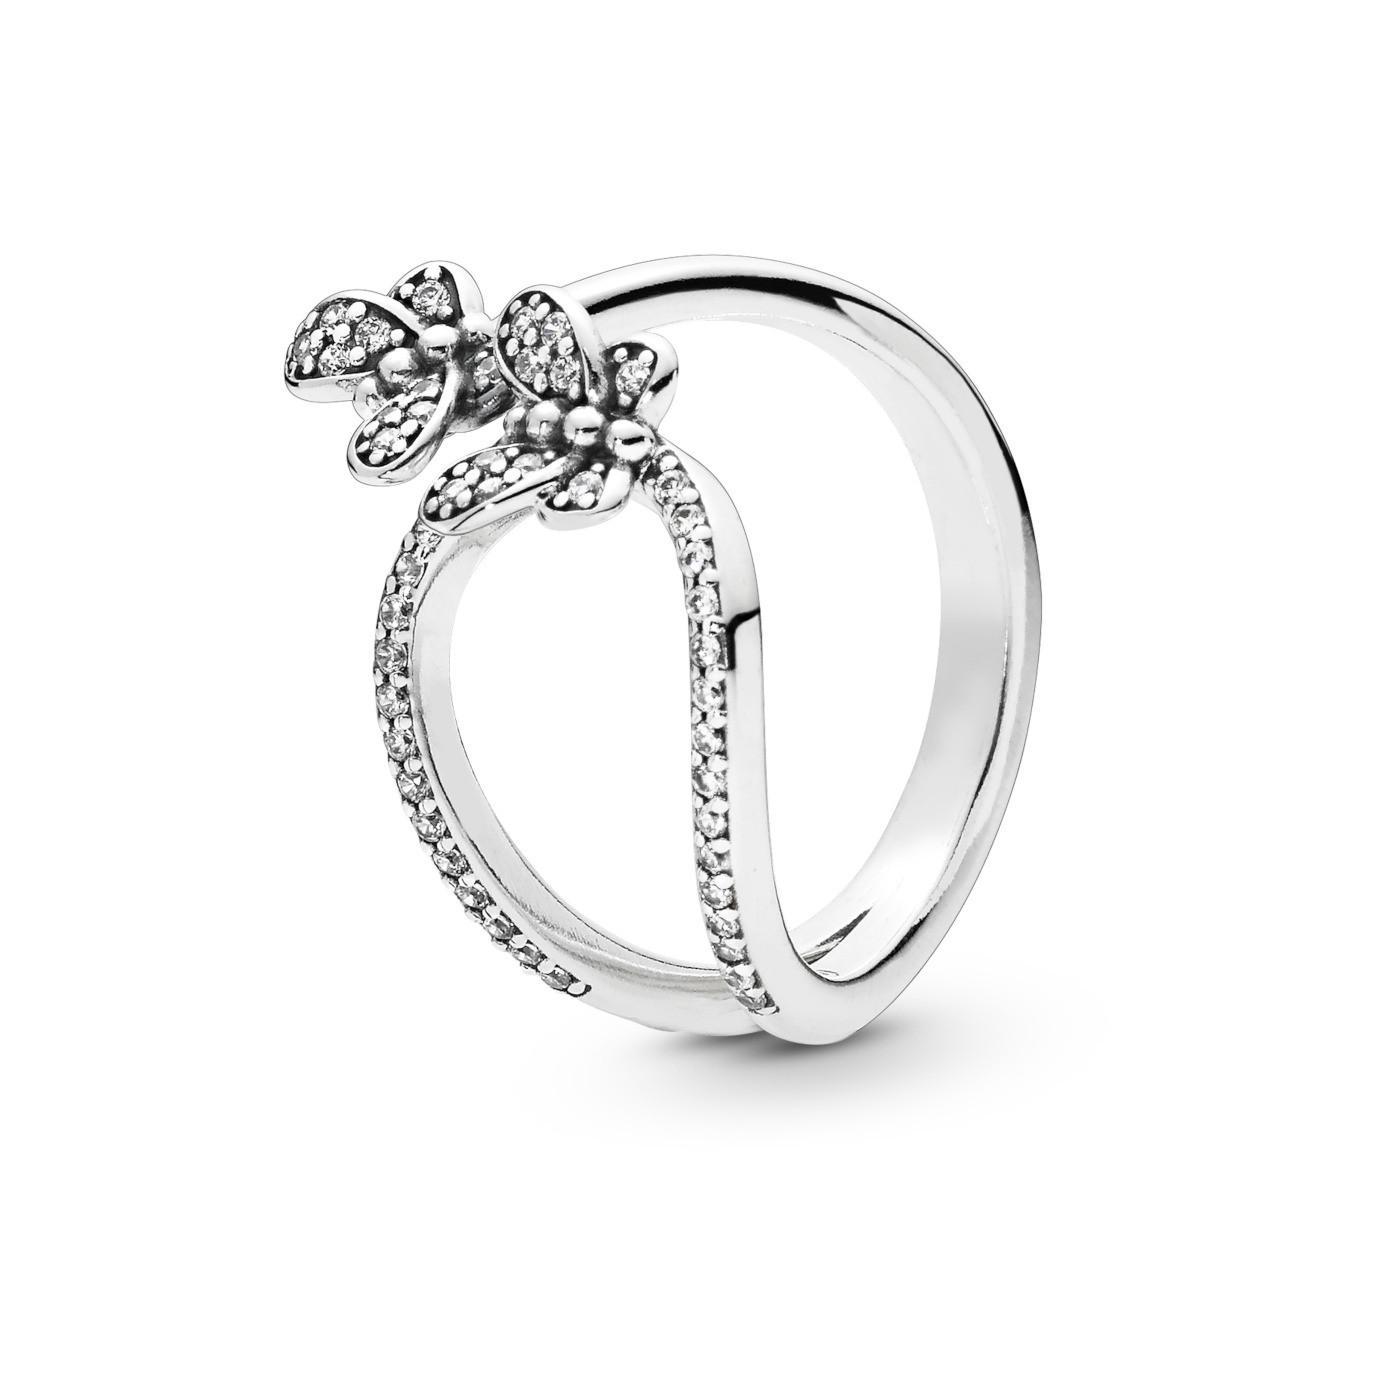 39dd8f3d6 Pandora Stories Ring 197920CZ - Jewelry